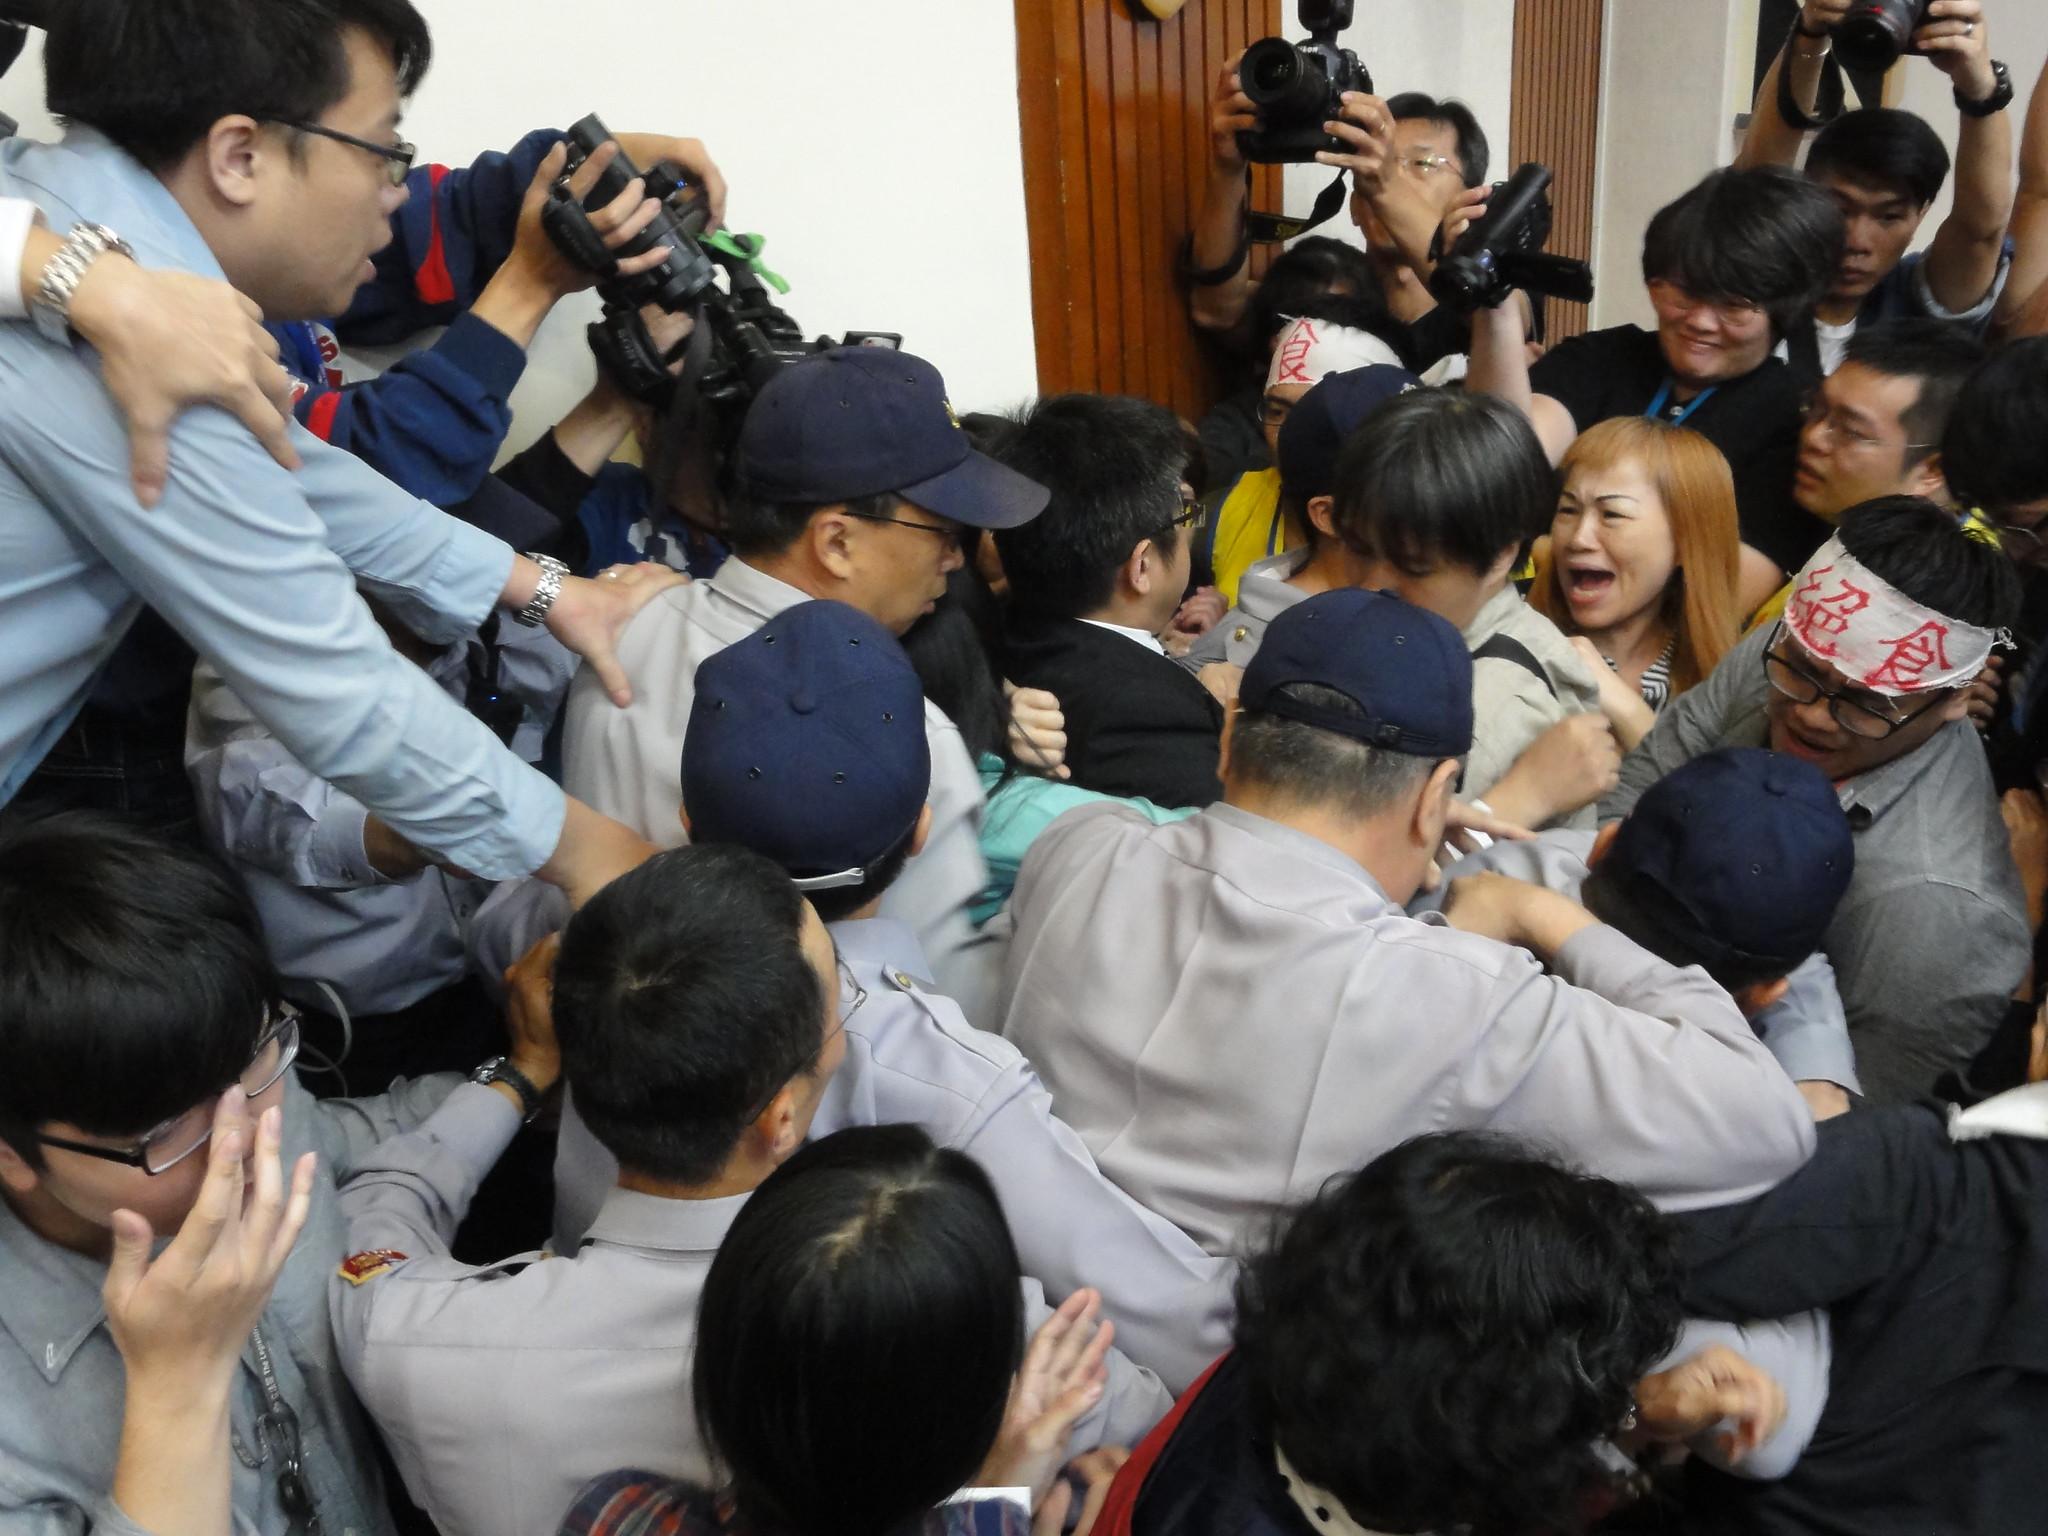 陳瑩欲離席,勞團代表阻擋,現場陷入一片混亂。(攝影:張智琦)